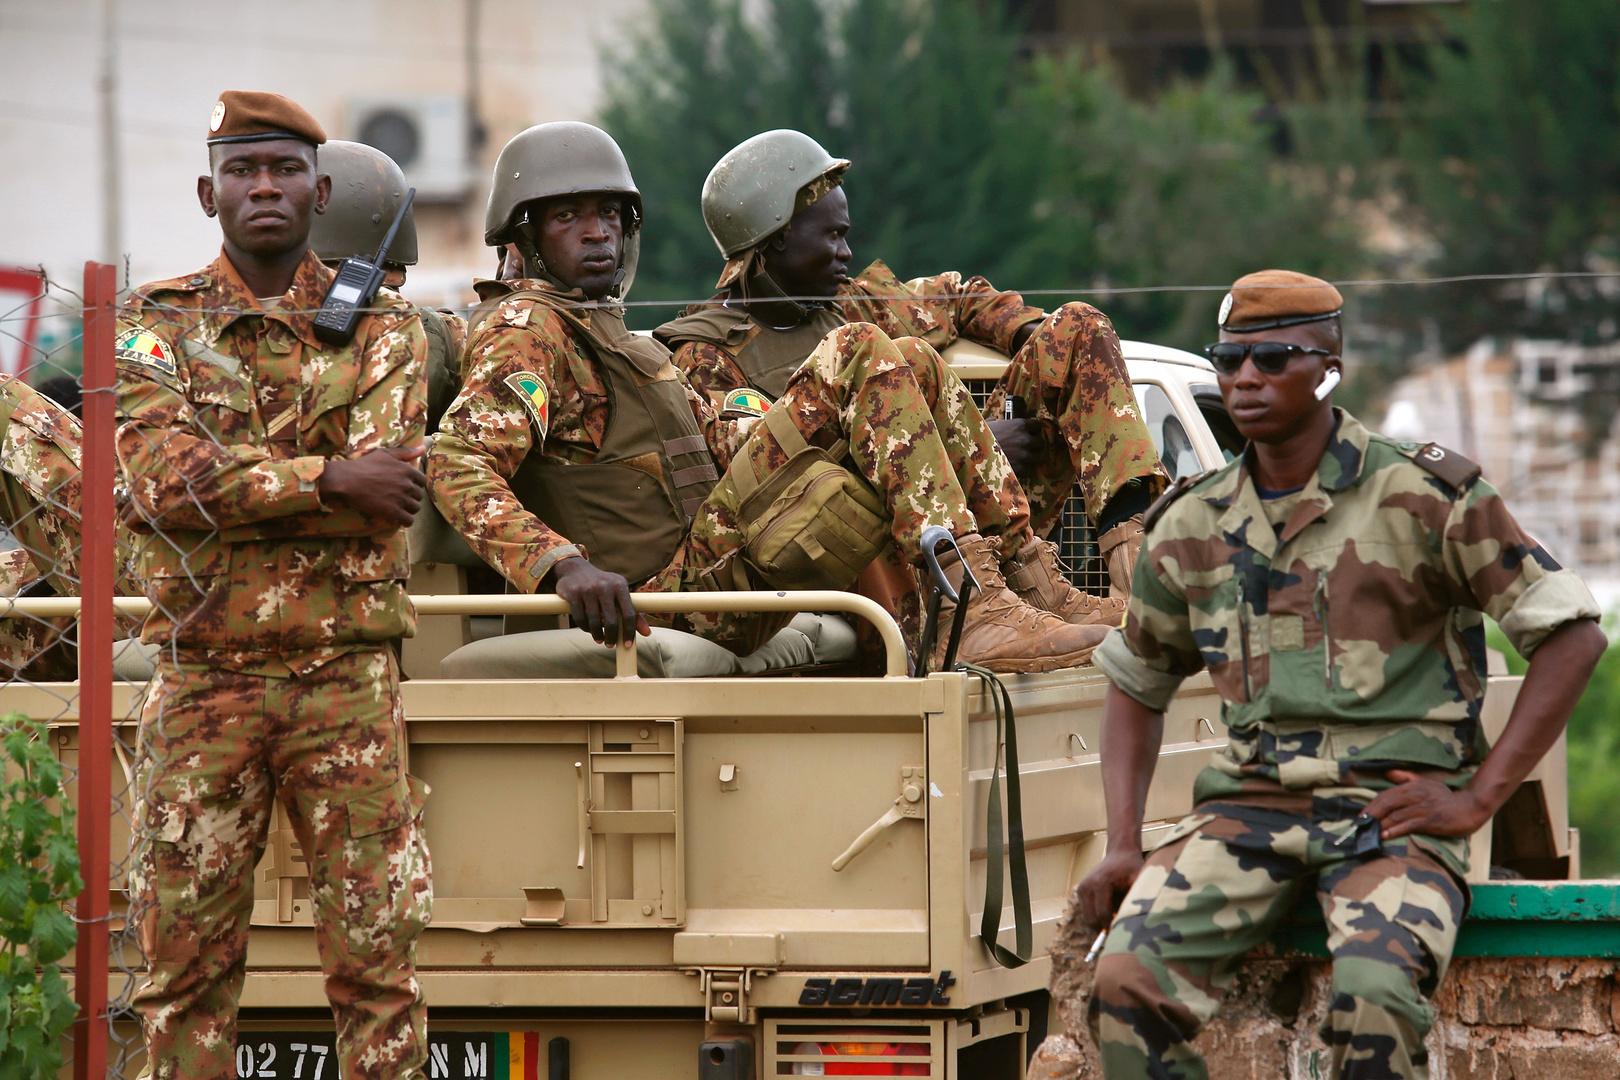 الأمم المتحدة تتهم الجيش المالي بارتكاب